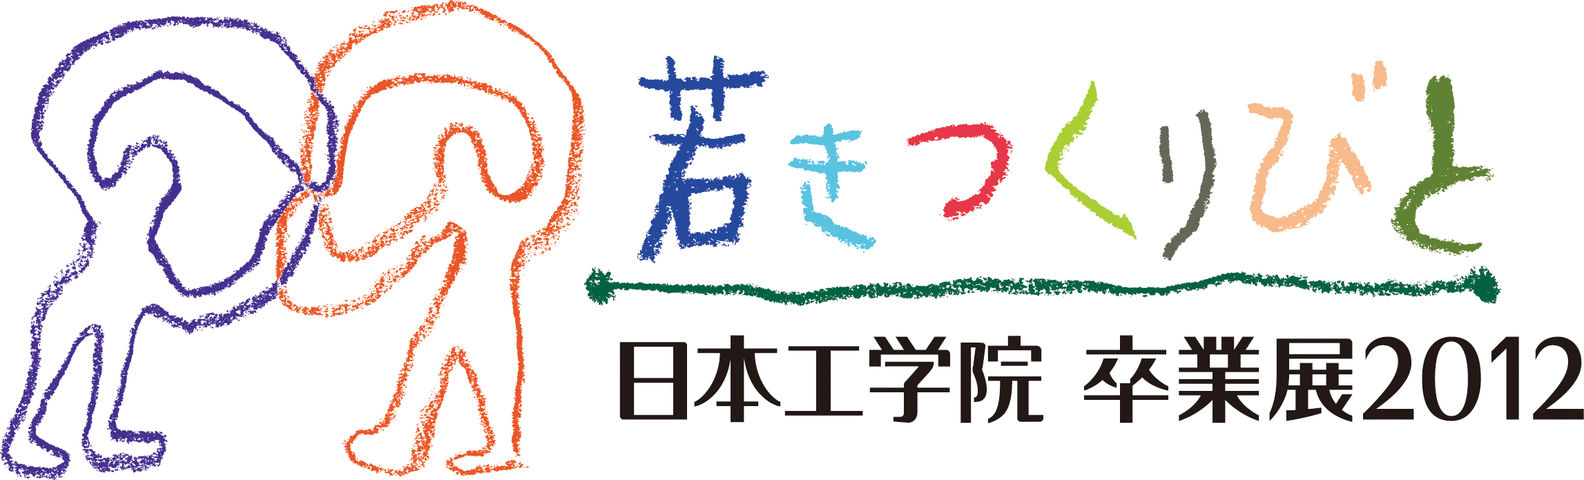 neec_fes_logo_yoko